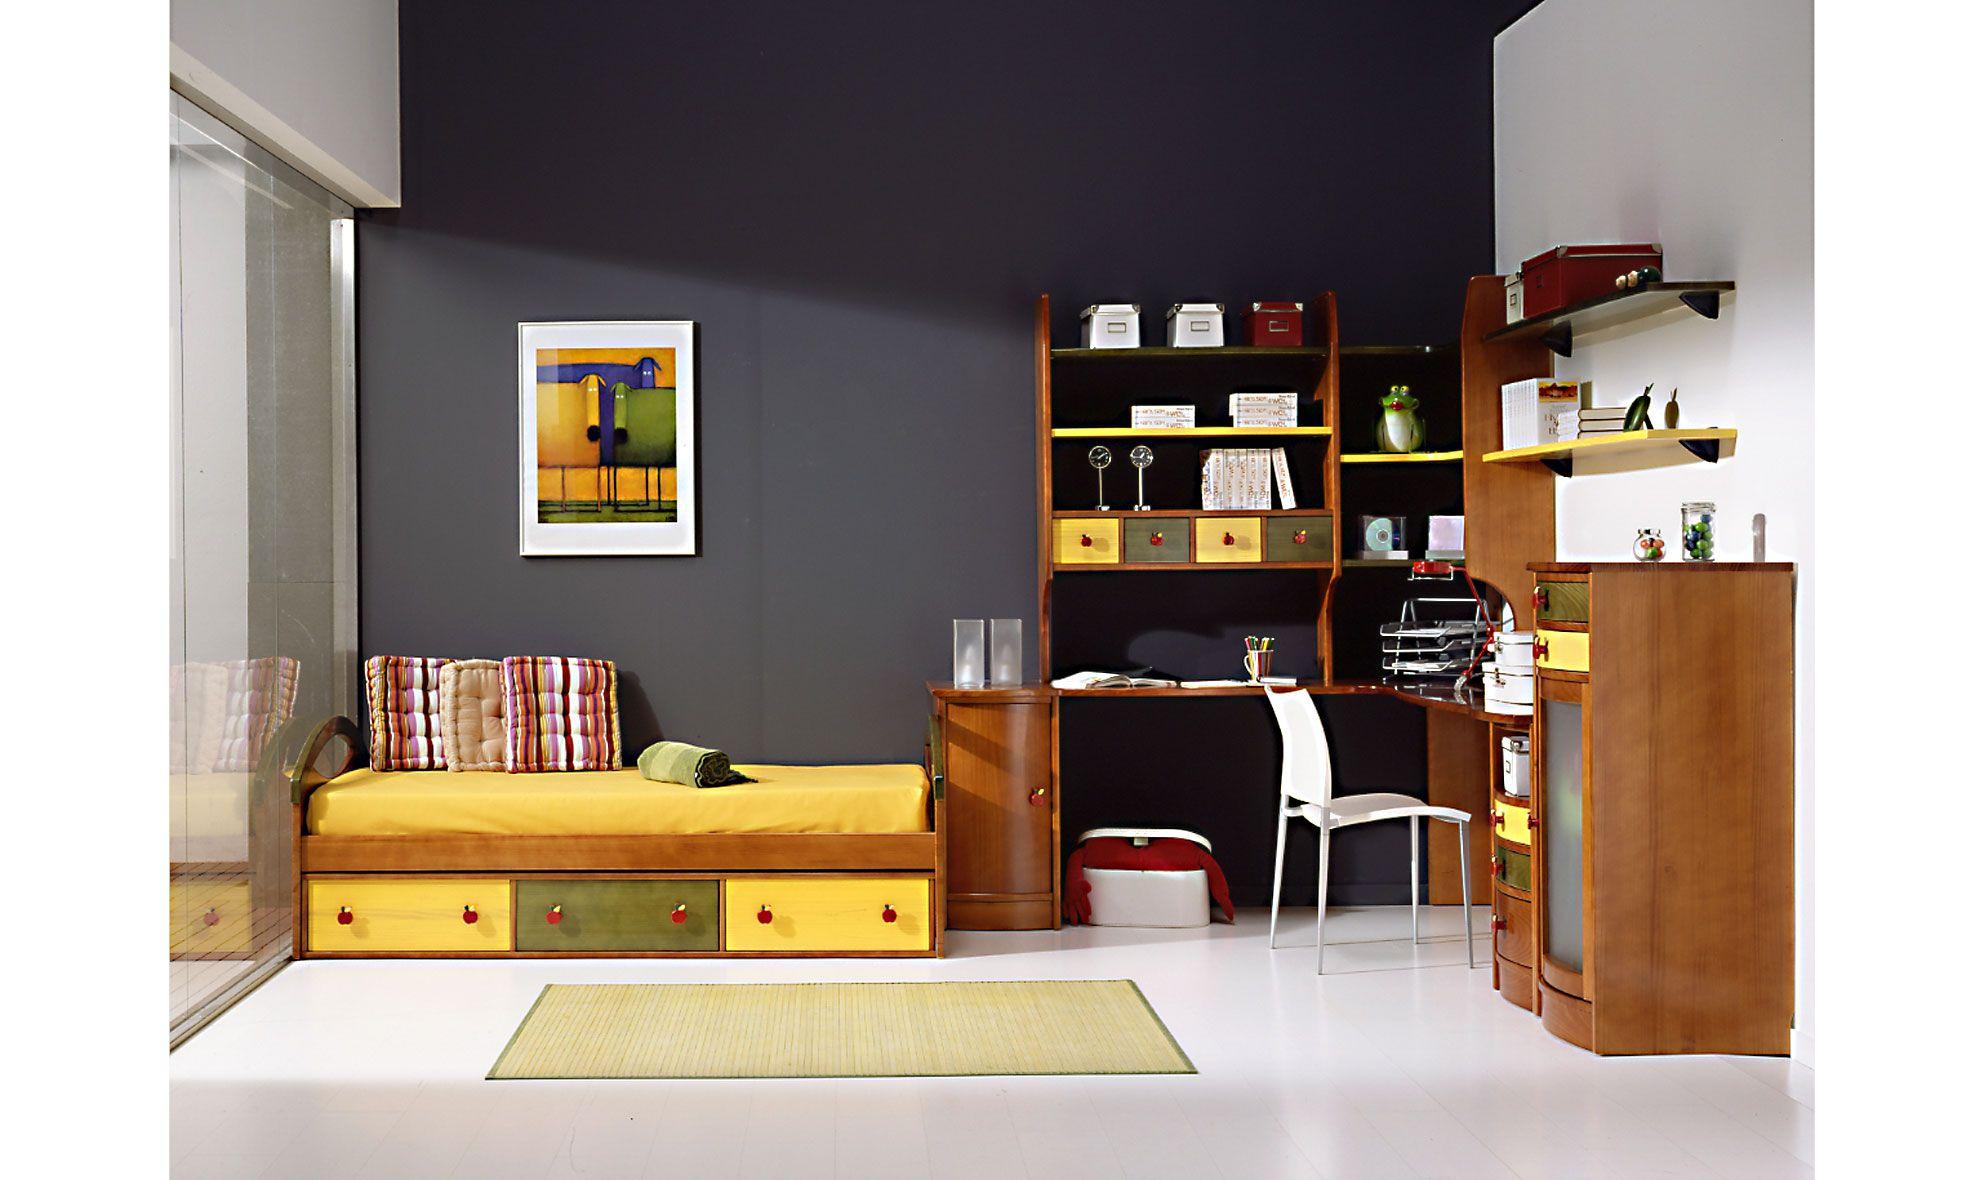 Dormitorios Juveniles Nios Fotos Elegant Un Cuarto Juvenil Pensado